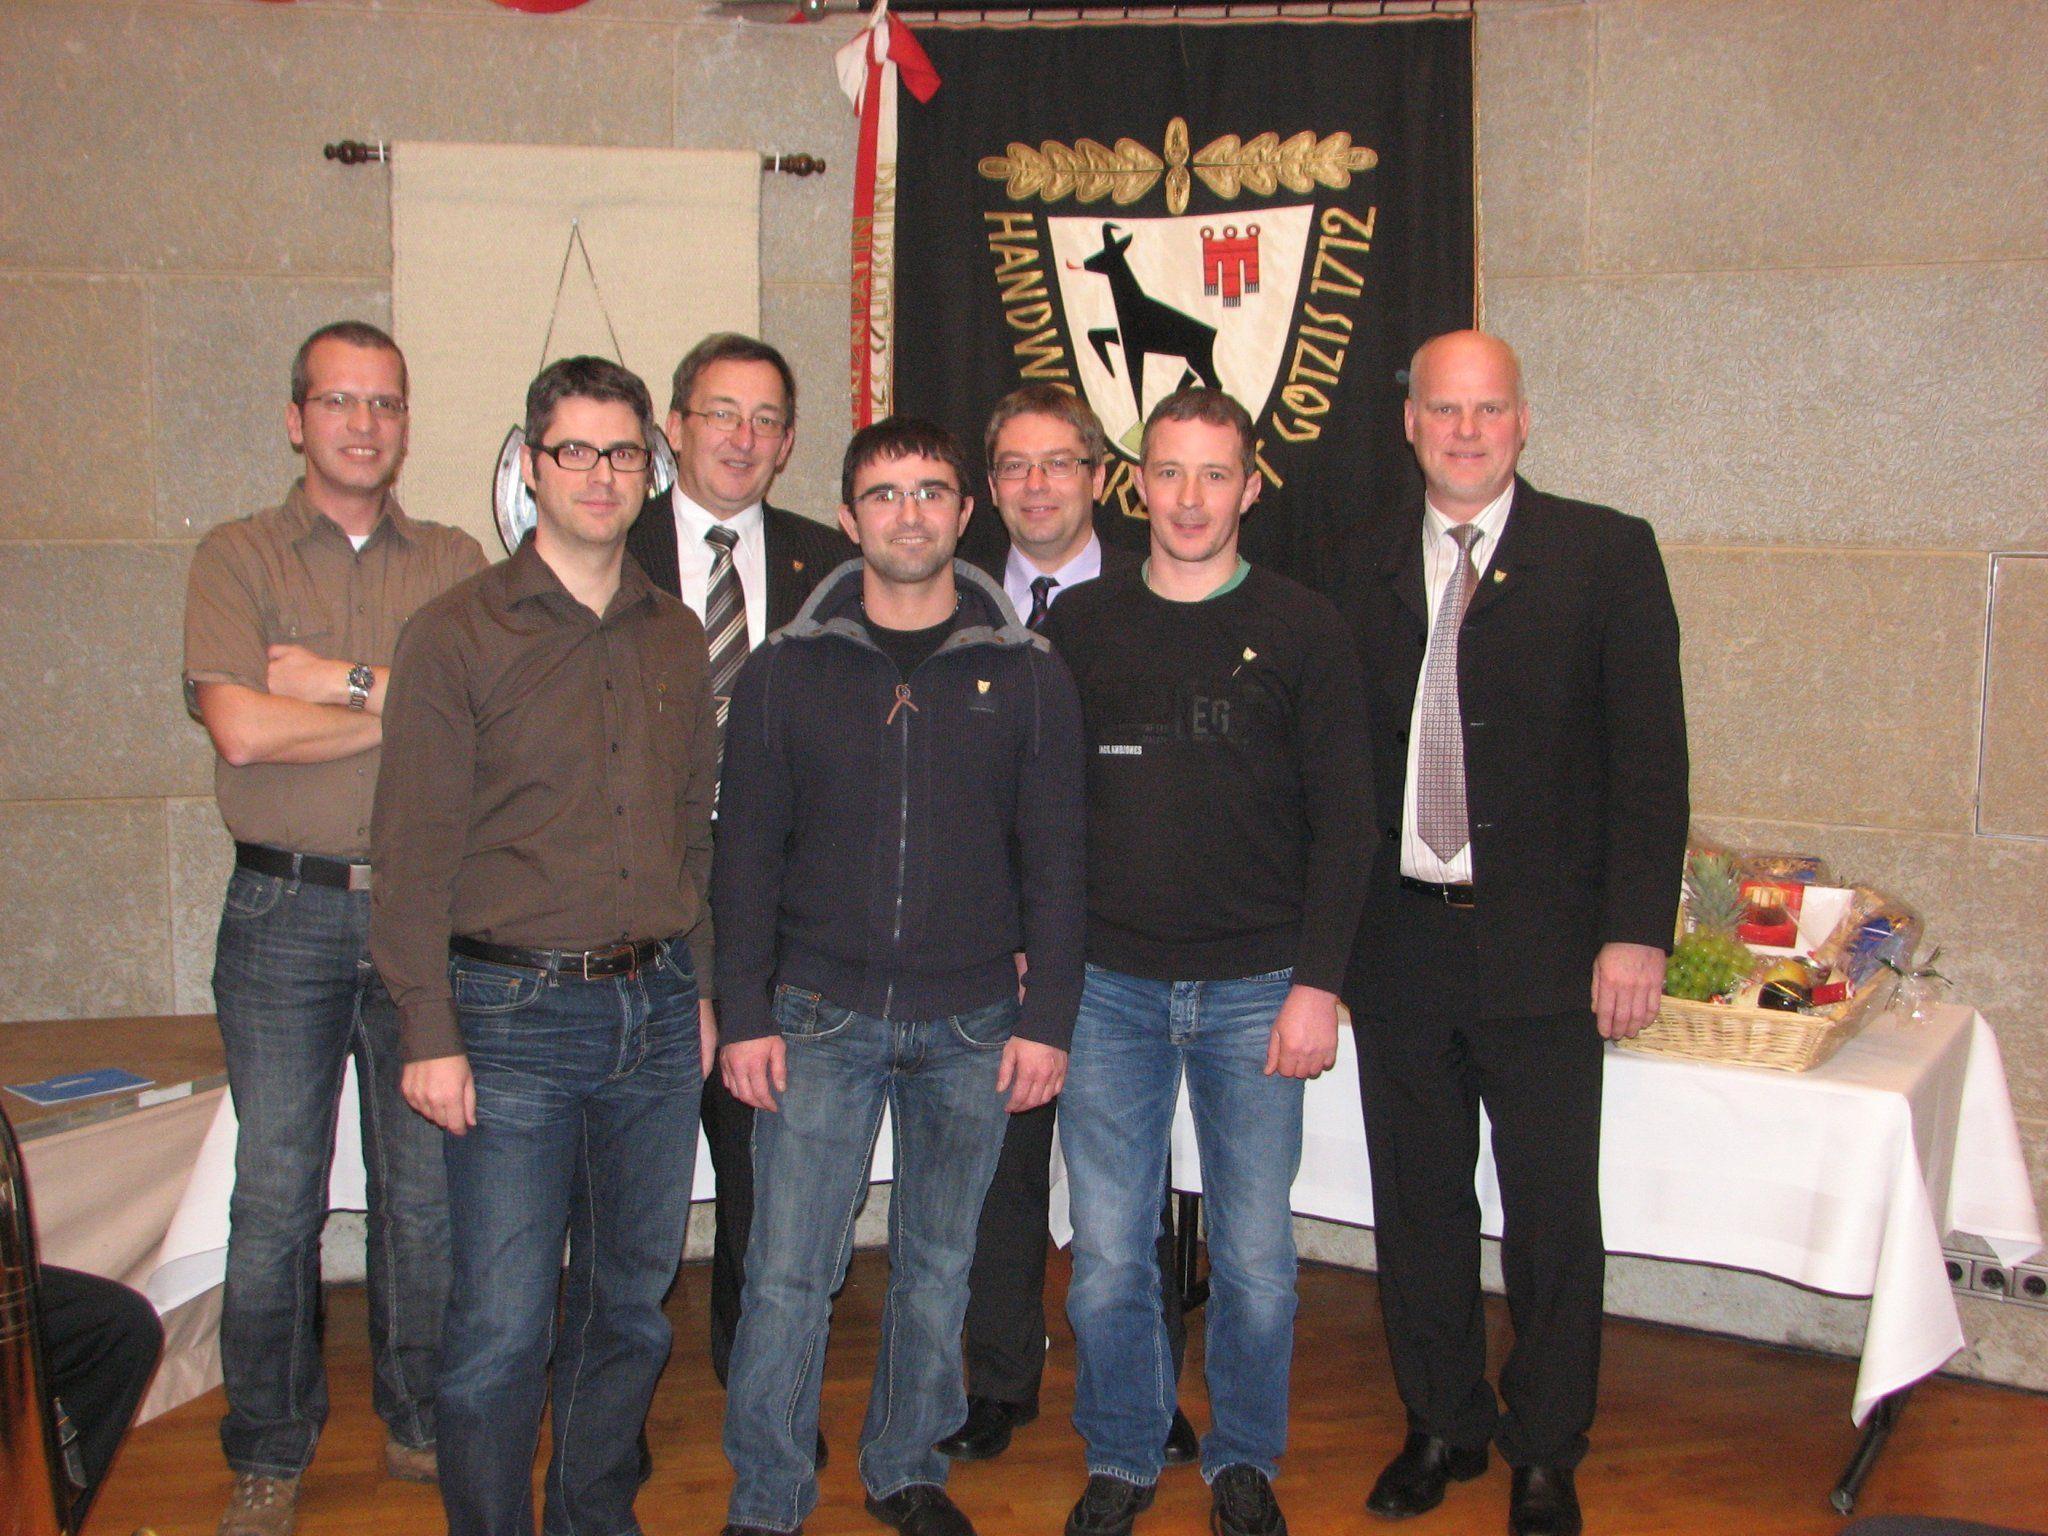 Vier neue Mitglieder wurden in die Handwerkerzunft aufgenommen.